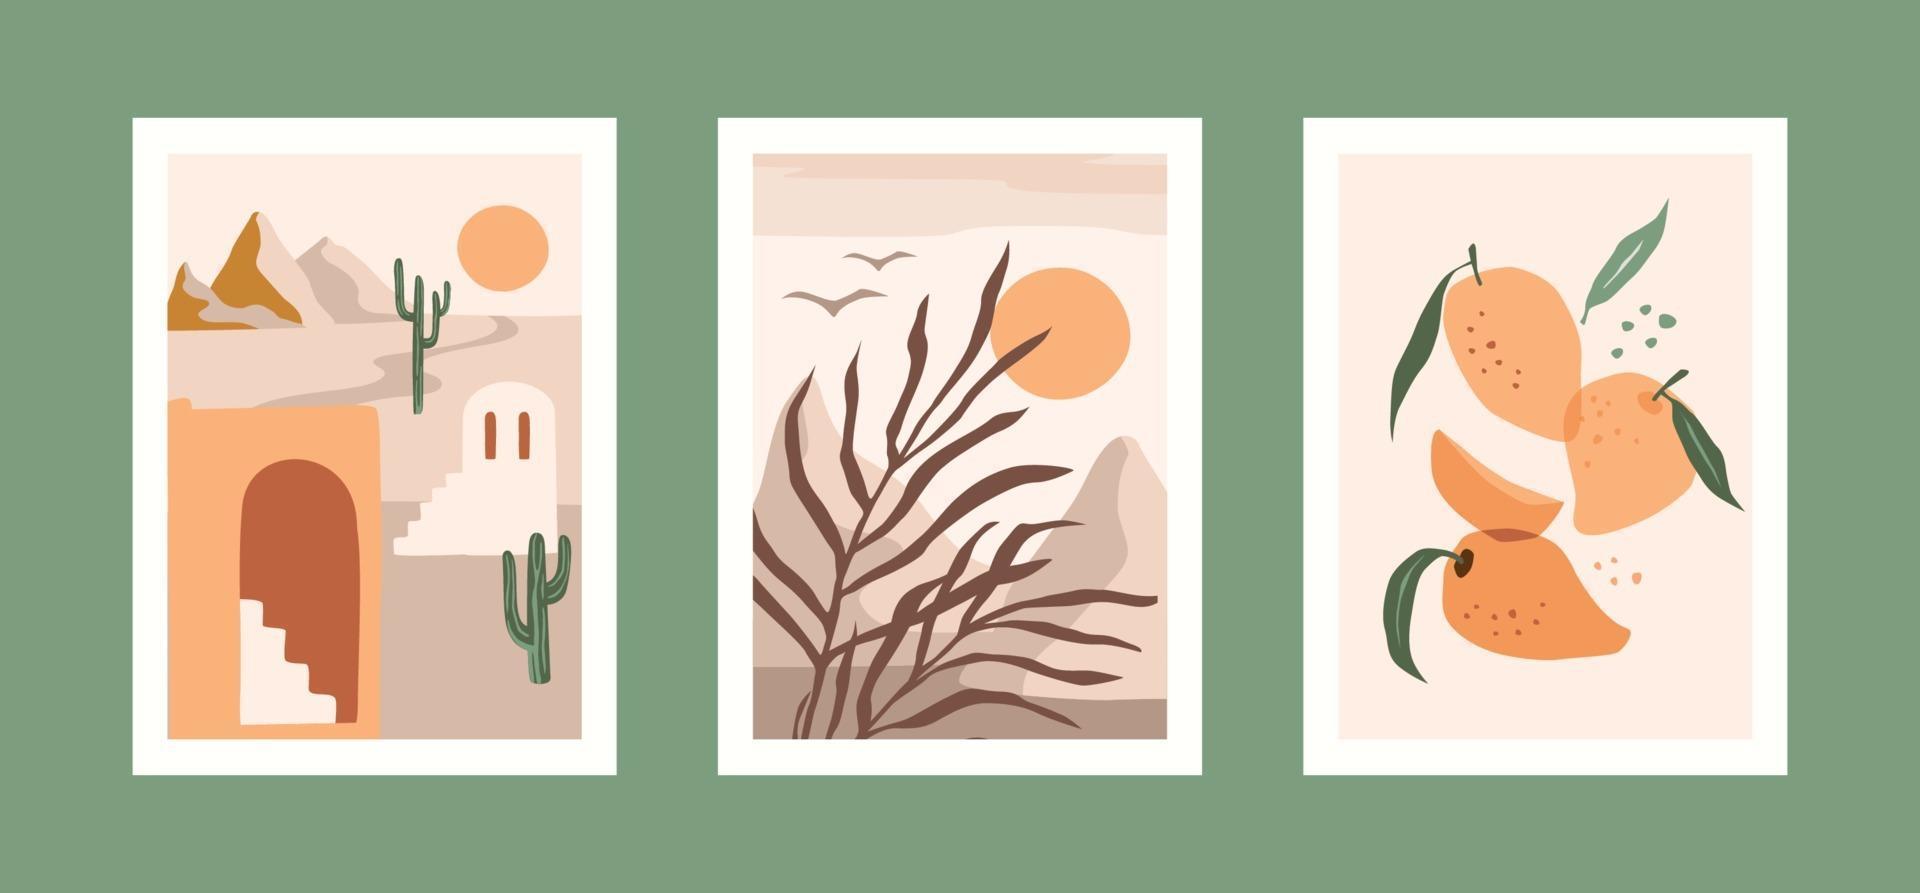 samling av samtida konsttryck. modern vektordesign för väggkonst, affischer, kort, t-shirts och mer vektor